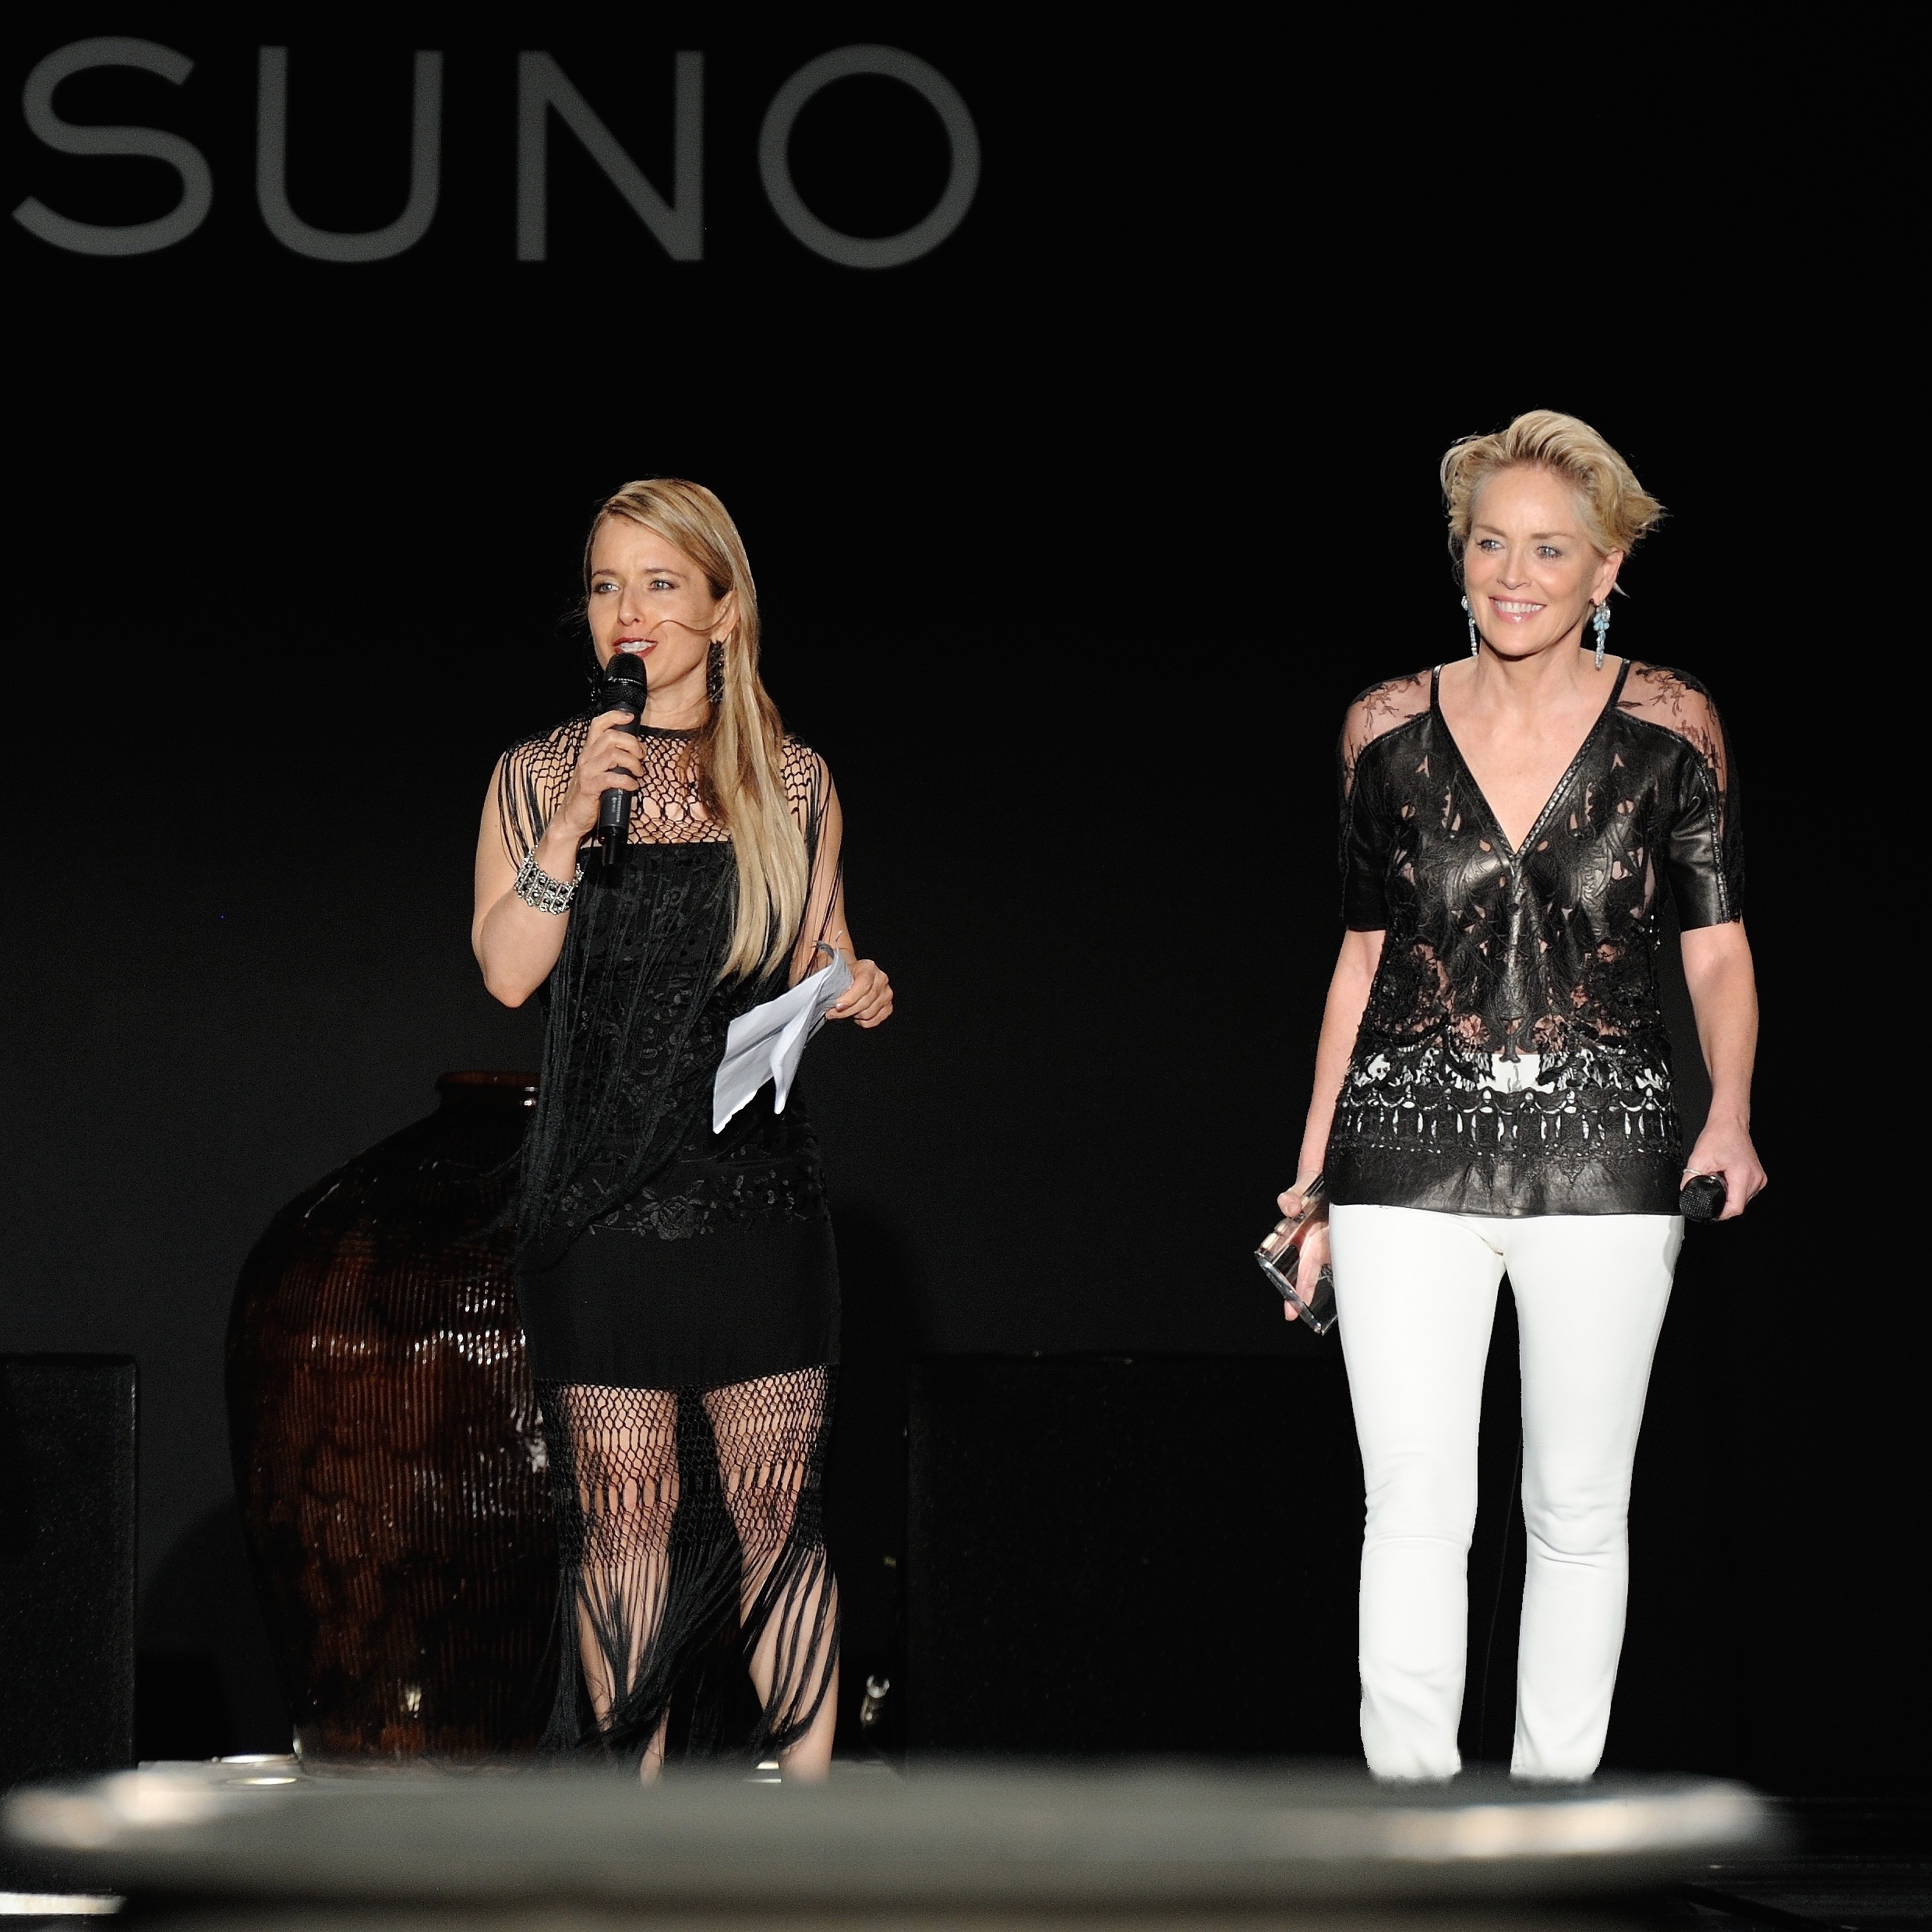 Tammy Apostol alongside Sharon Stone at FGI Planet Hope Awards (Photo Credit: rhk)